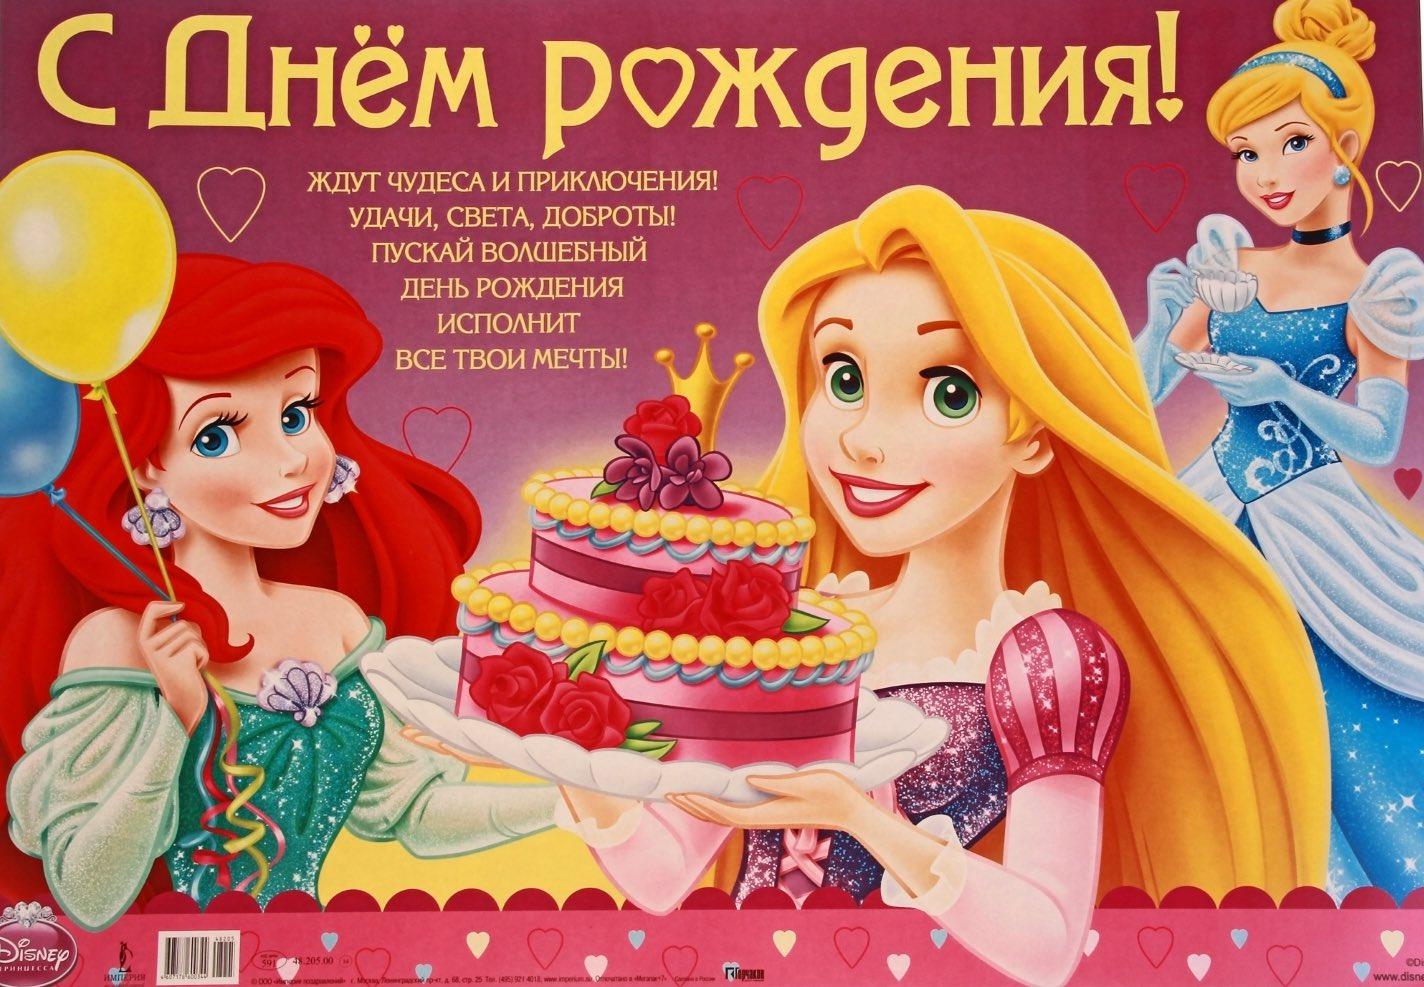 Открытка с днем рождения девочка 8 лет принцесса, песни днем